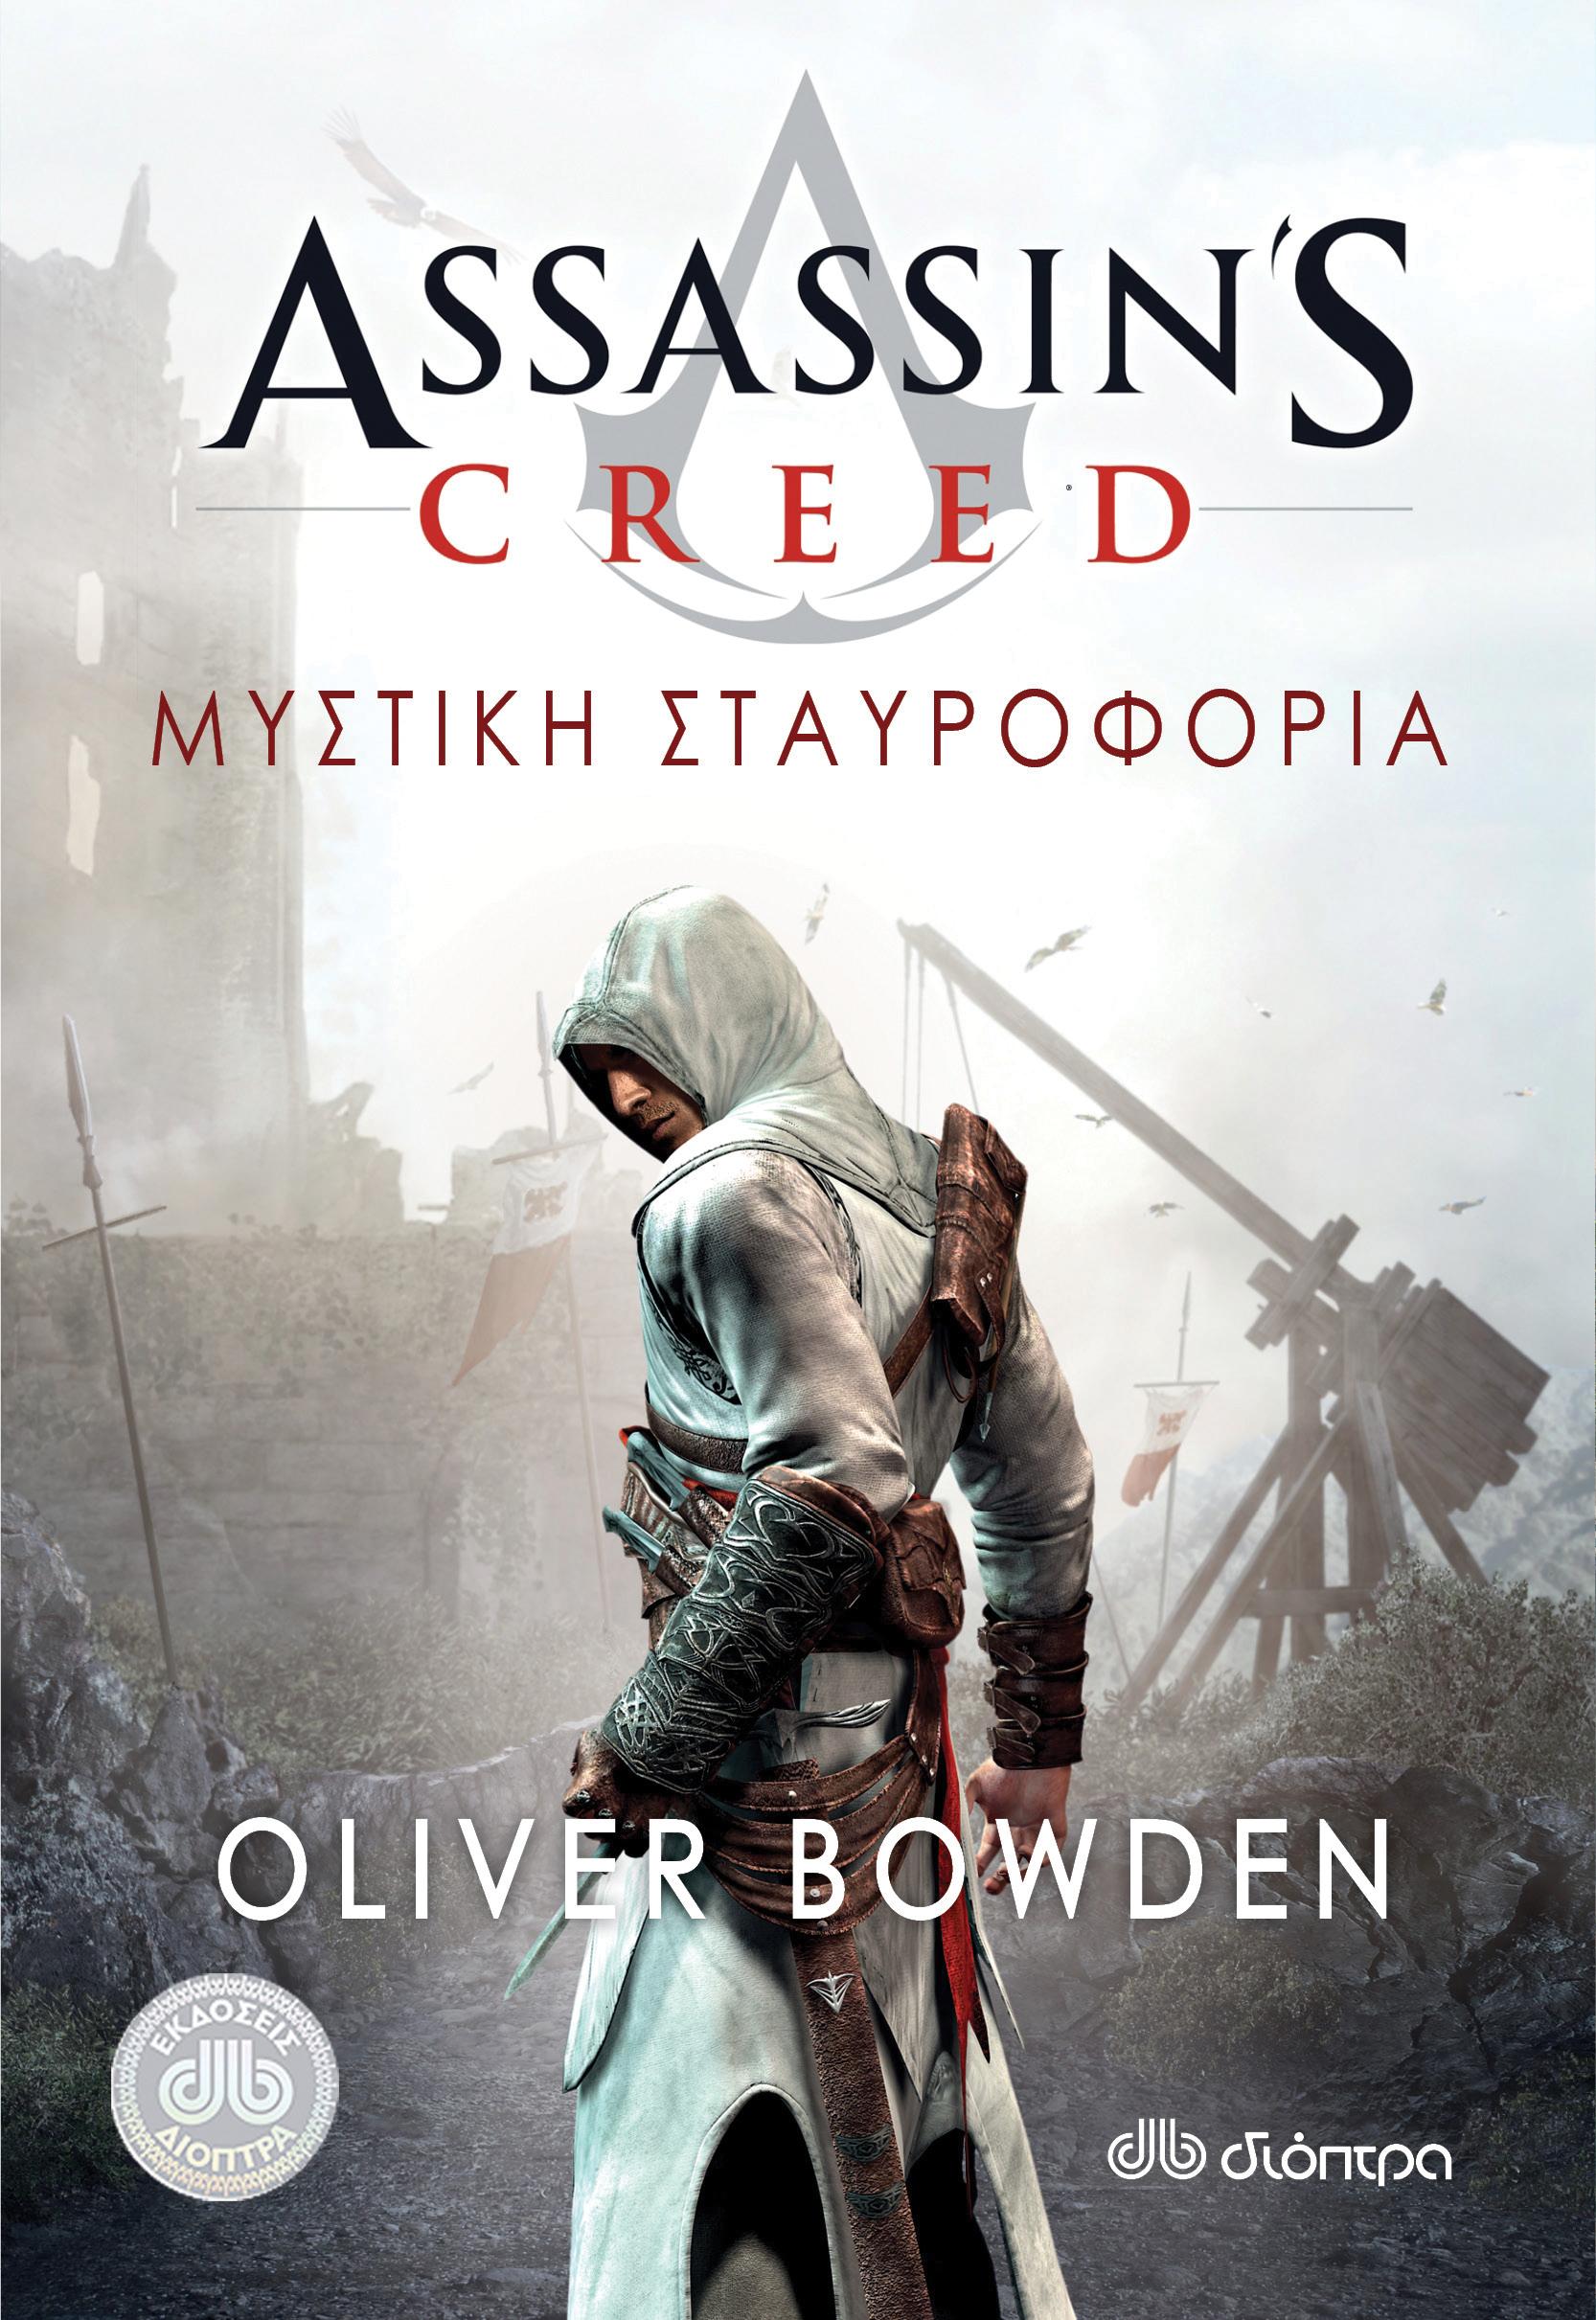 Μυστική Σταυροφορία - Assassin's Creed #3